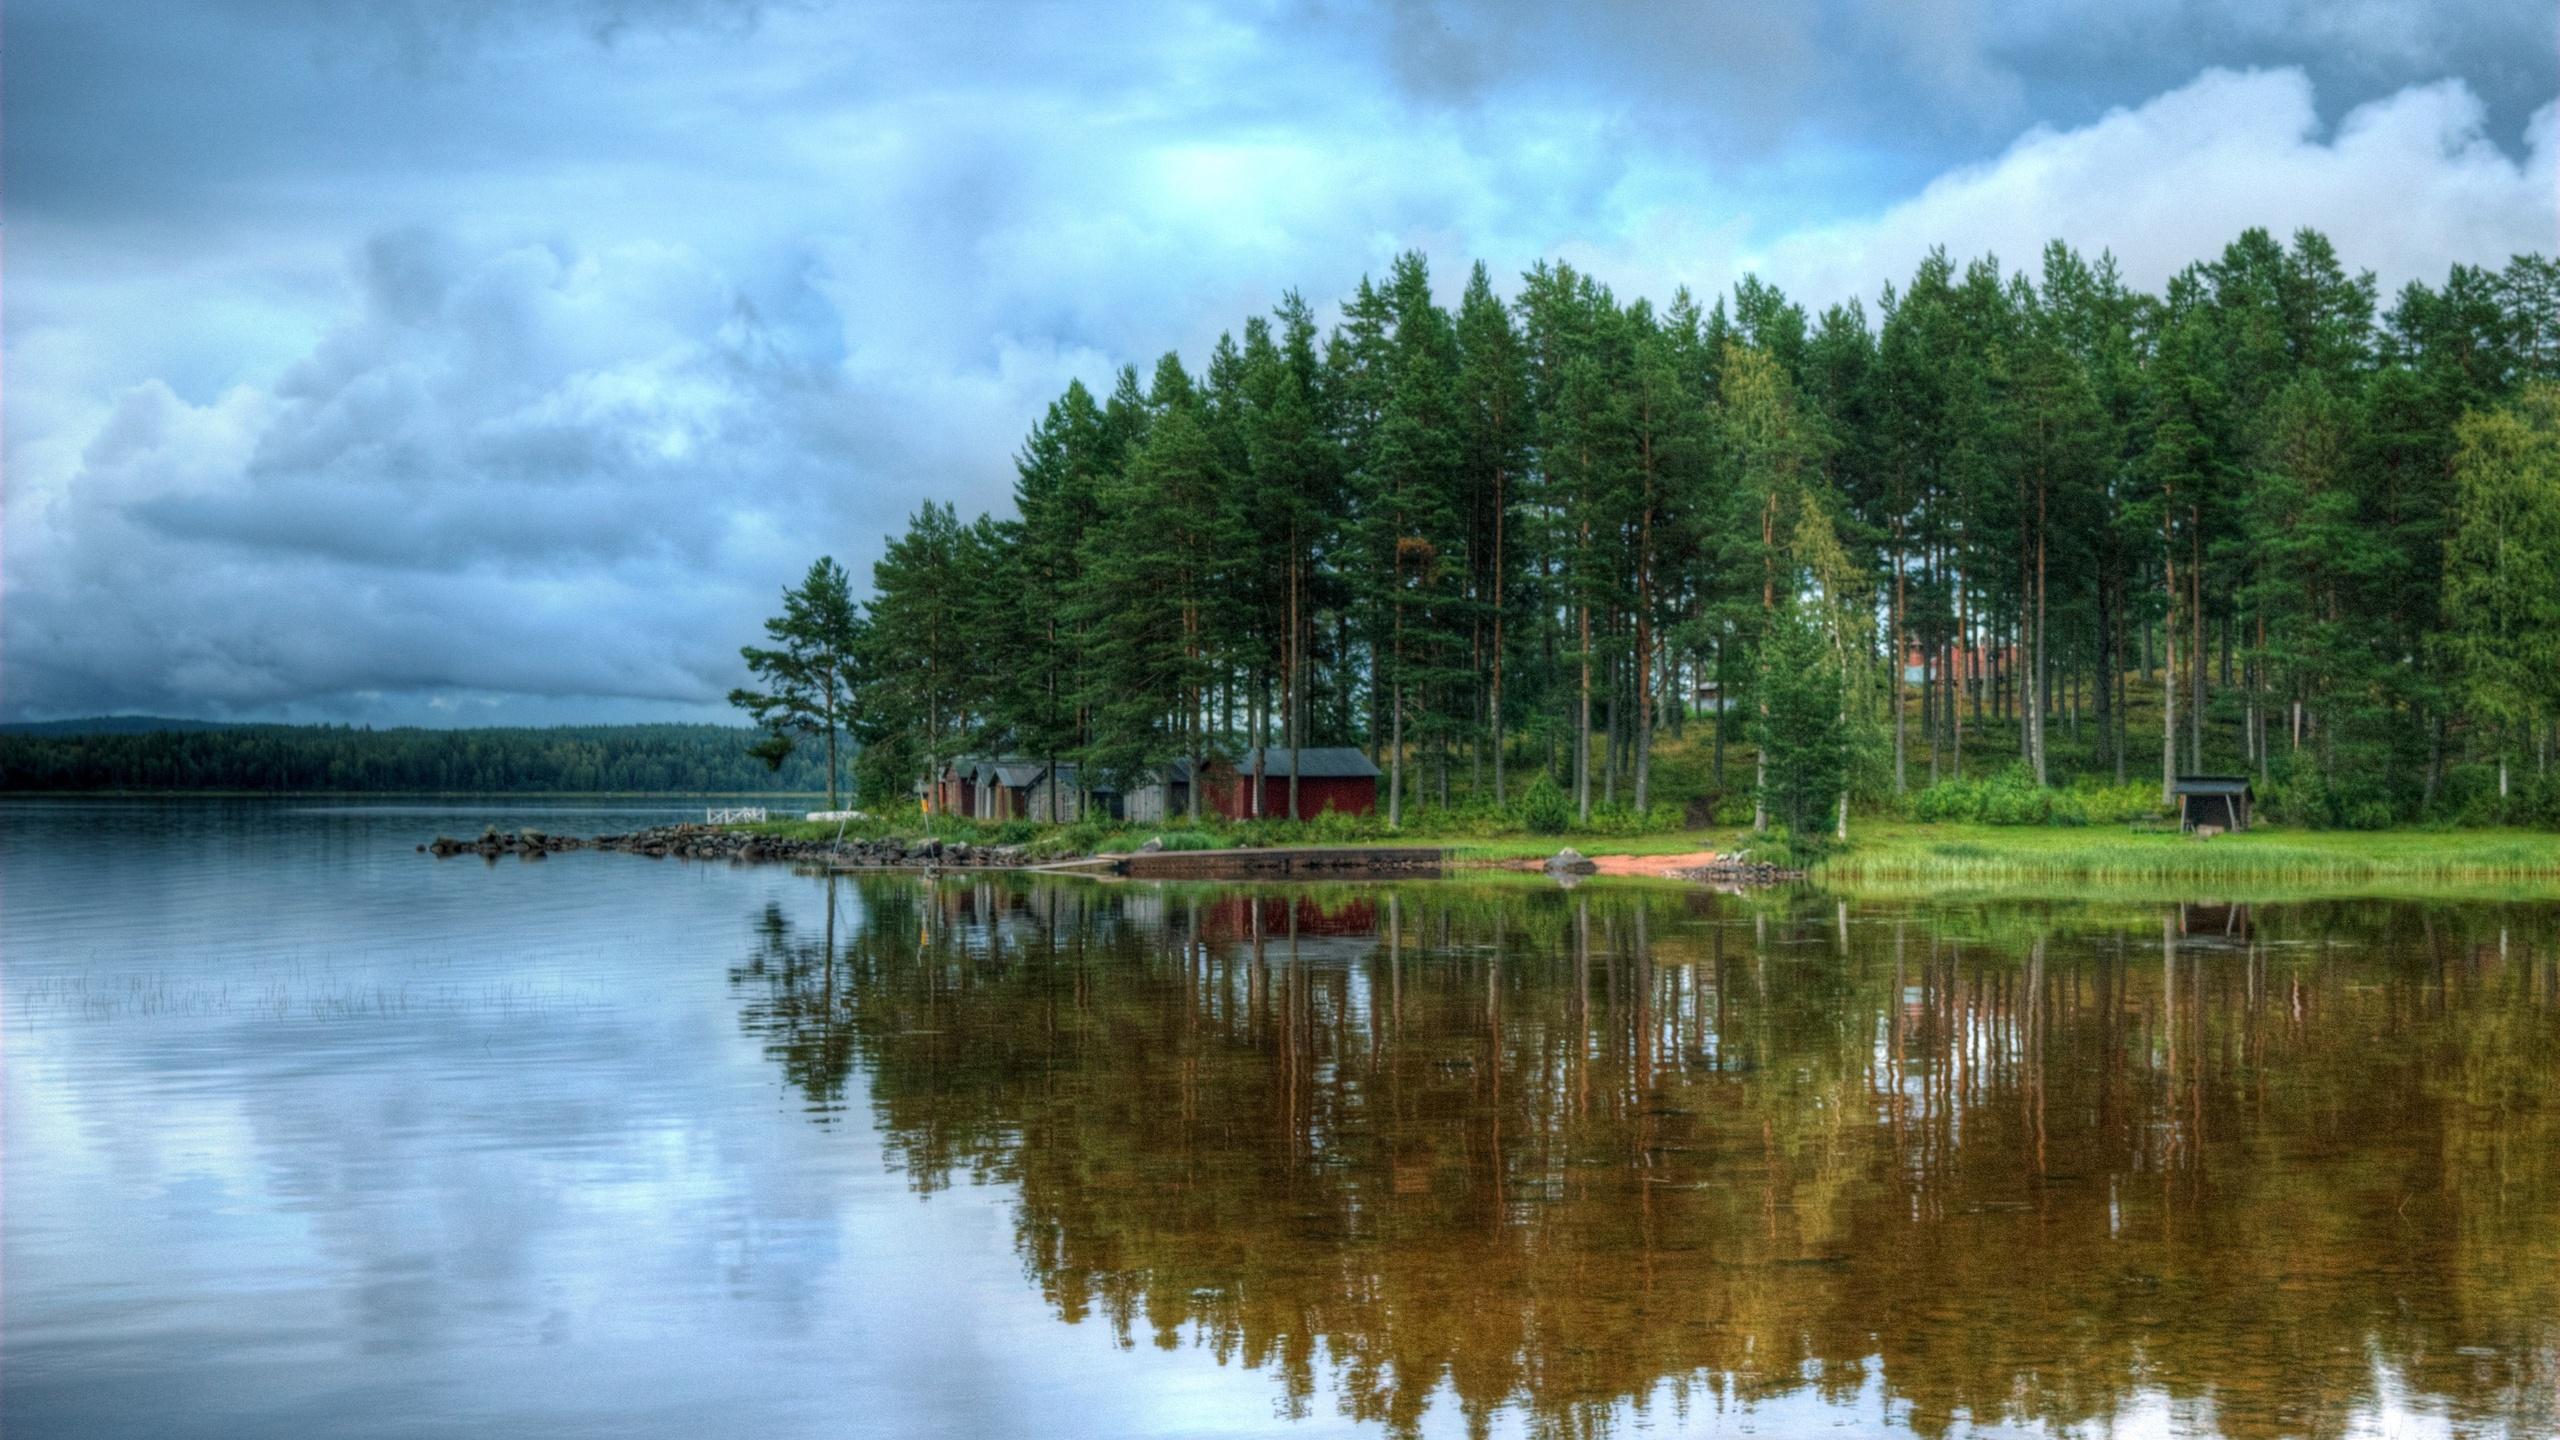 река, отражение, деревья, домики